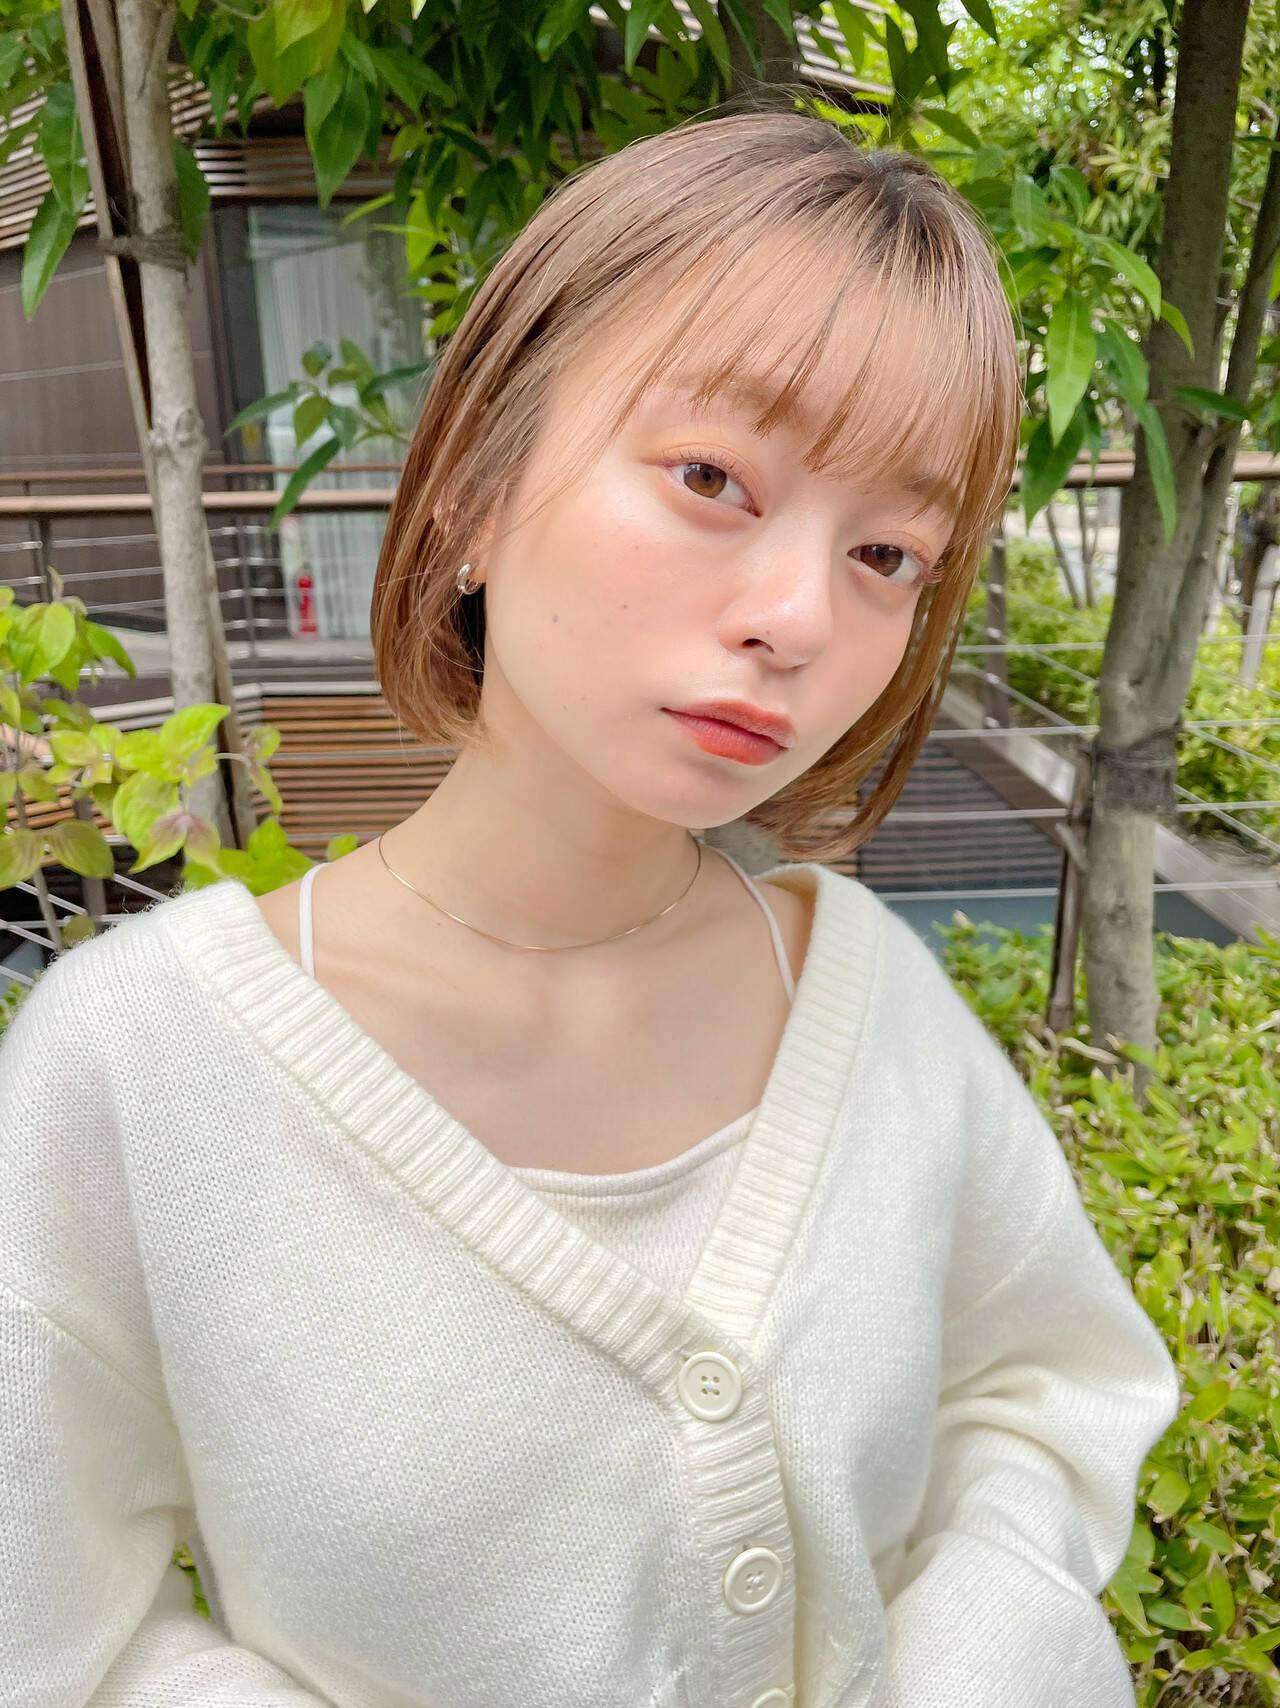 ミニボブ 透明感カラー ナチュラル ショートボブヘアスタイルや髪型の写真・画像